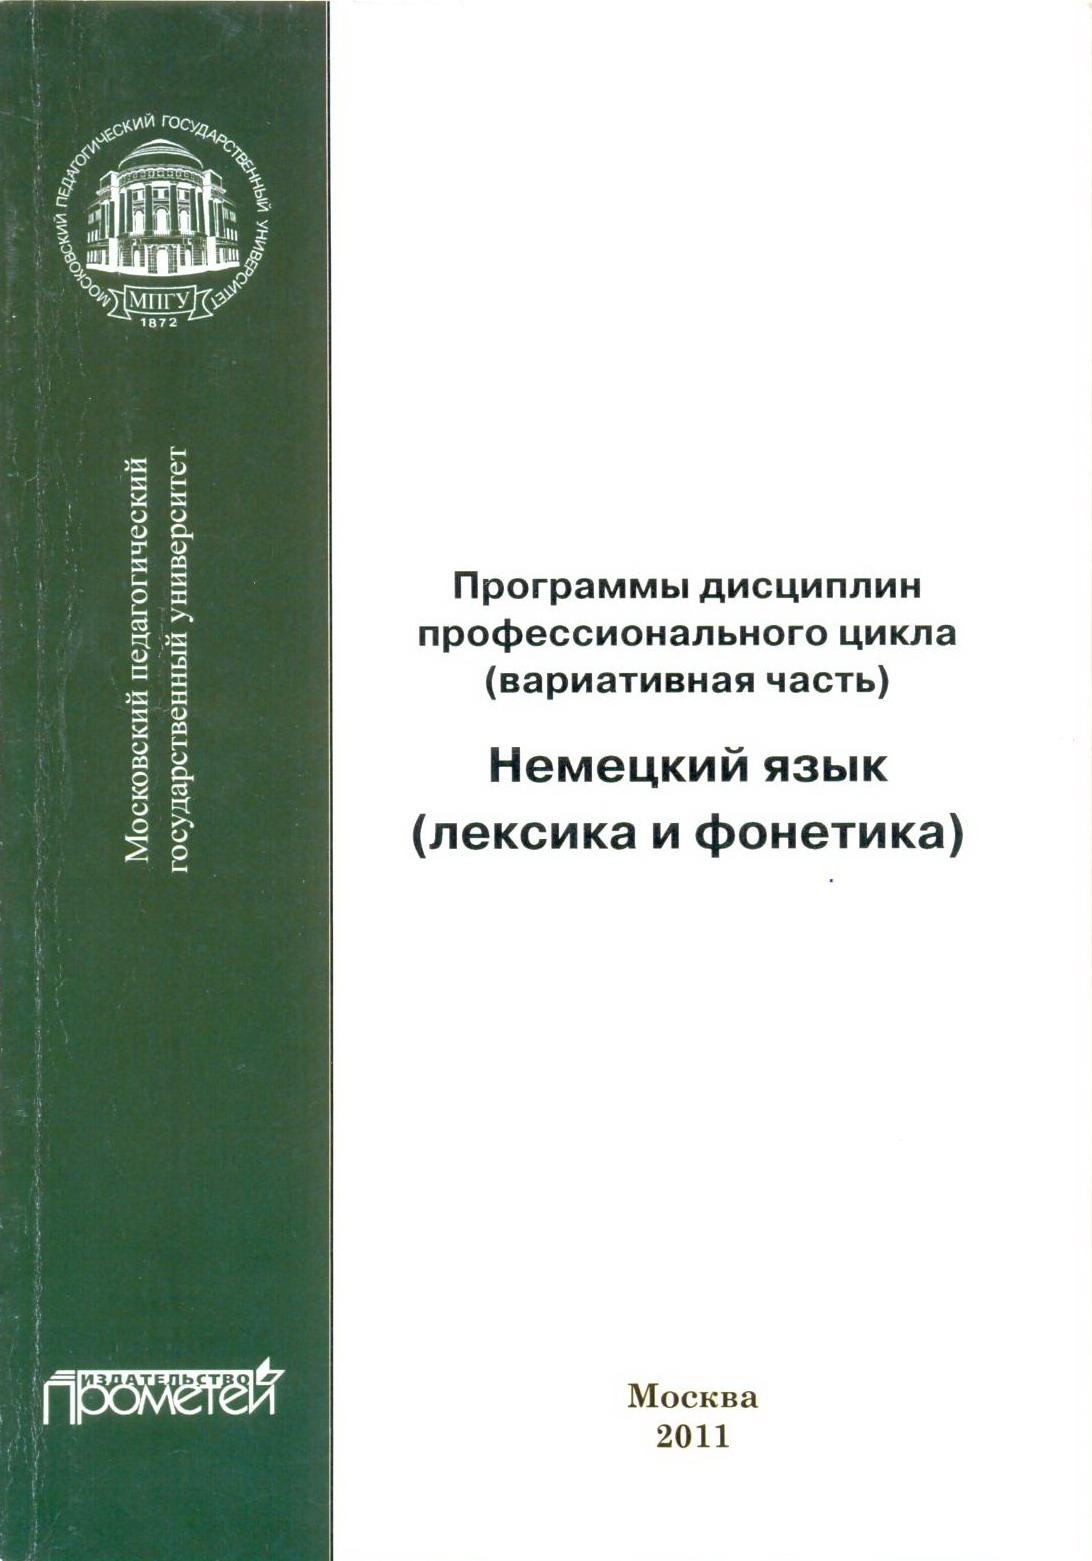 Рабочая программа учебной дисциплины ПРАКТИЧЕСКАЯ ФОНЕТИКА